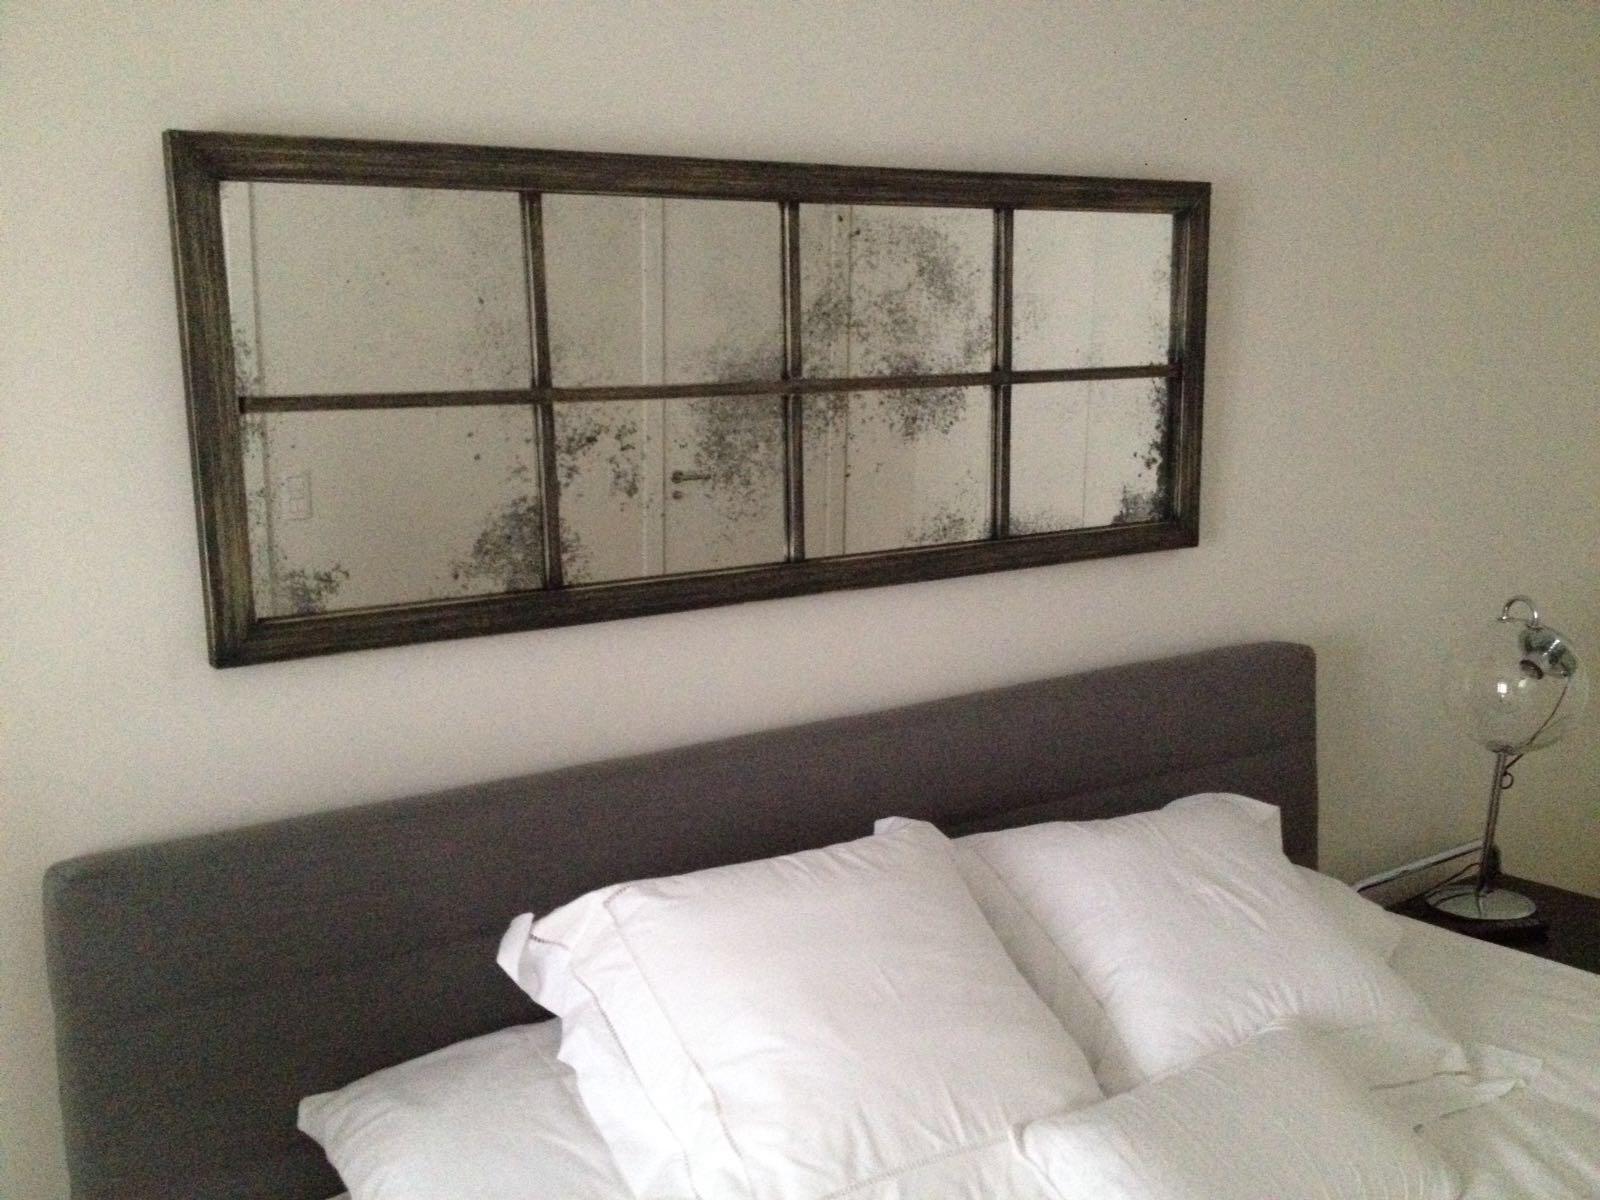 Kino marcos molduras marcos para cuadros enmarcacion for Pared de espejo precio